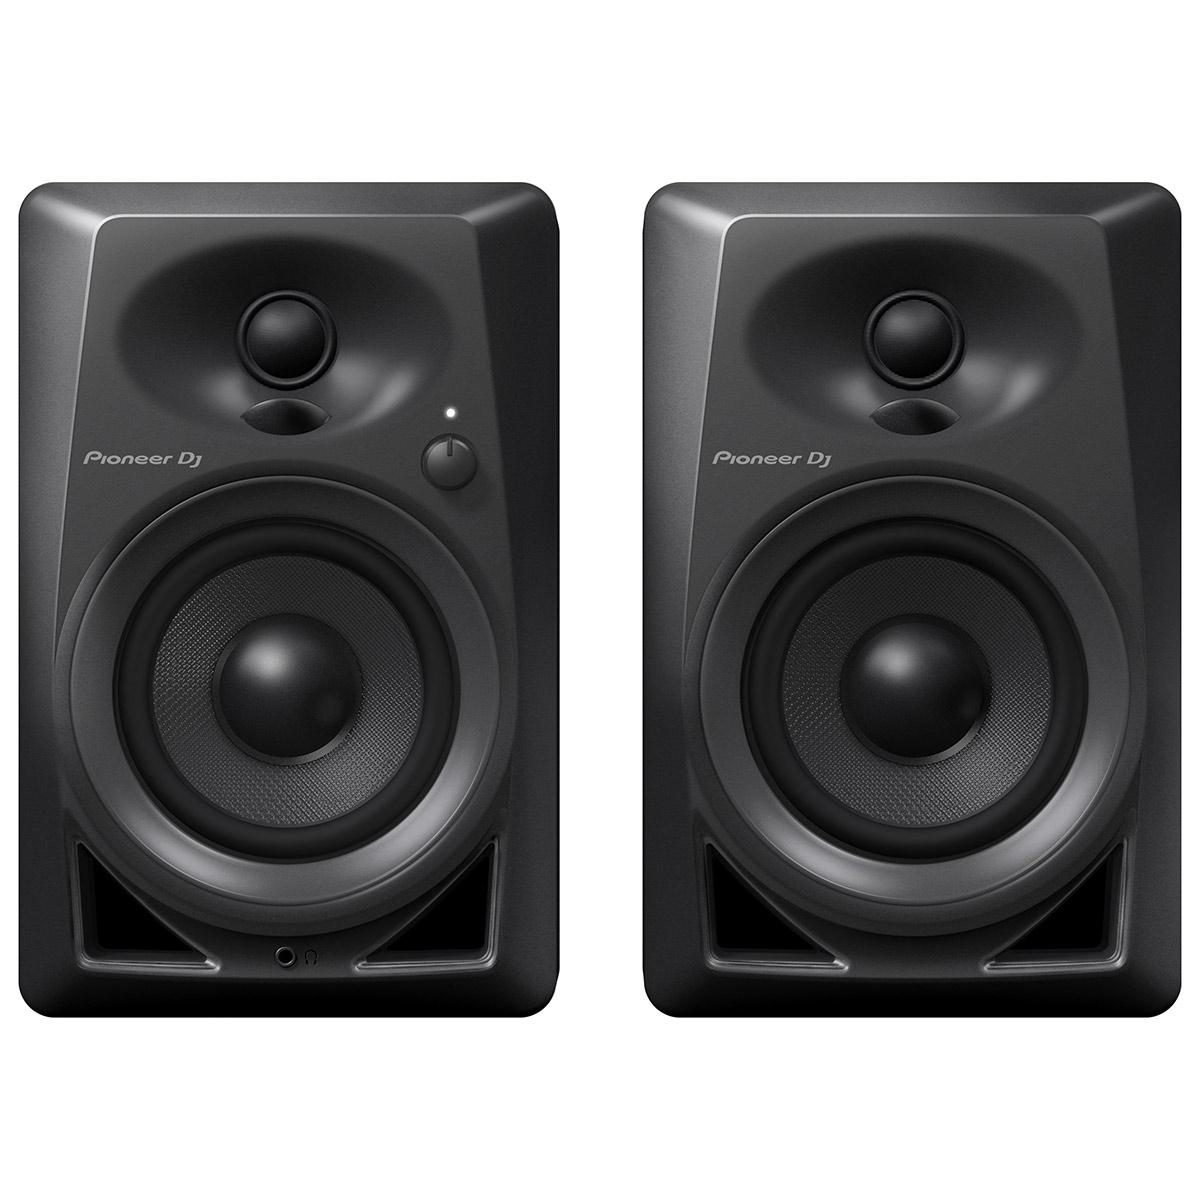 Enceinte de monitoring DM-40 - Pioneer DJ